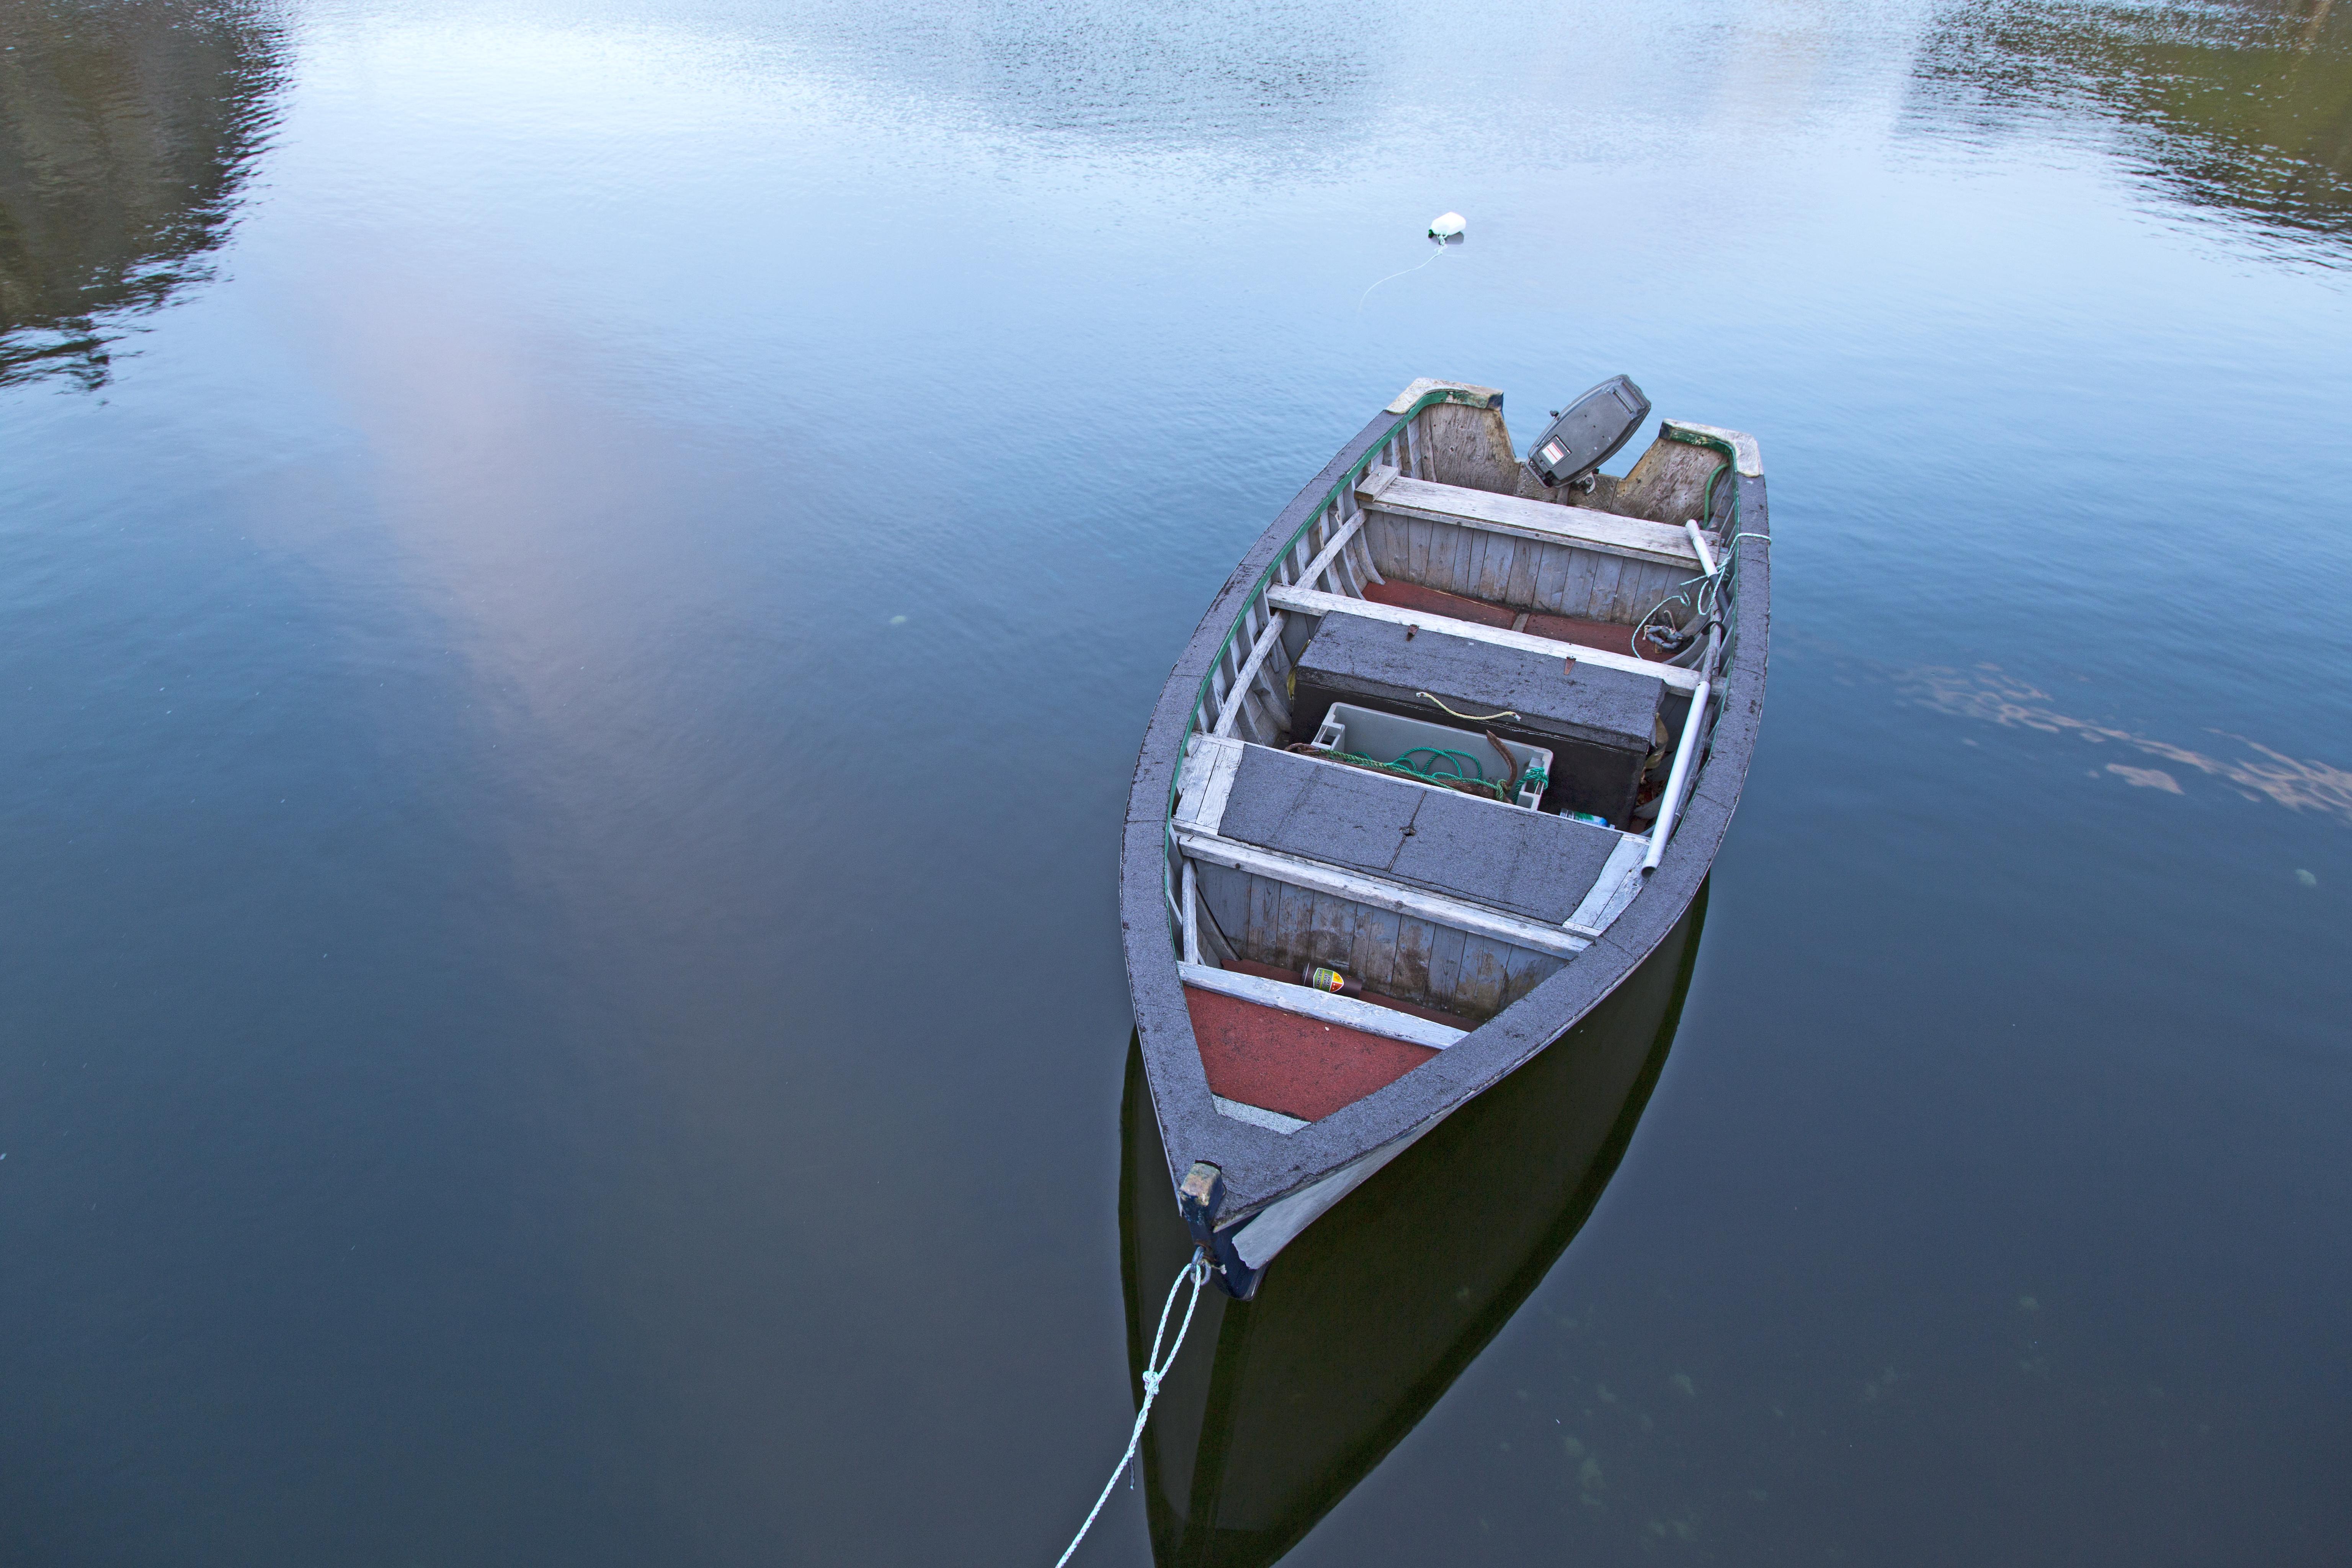 Boat in Quidi Vidi, Newfoundland